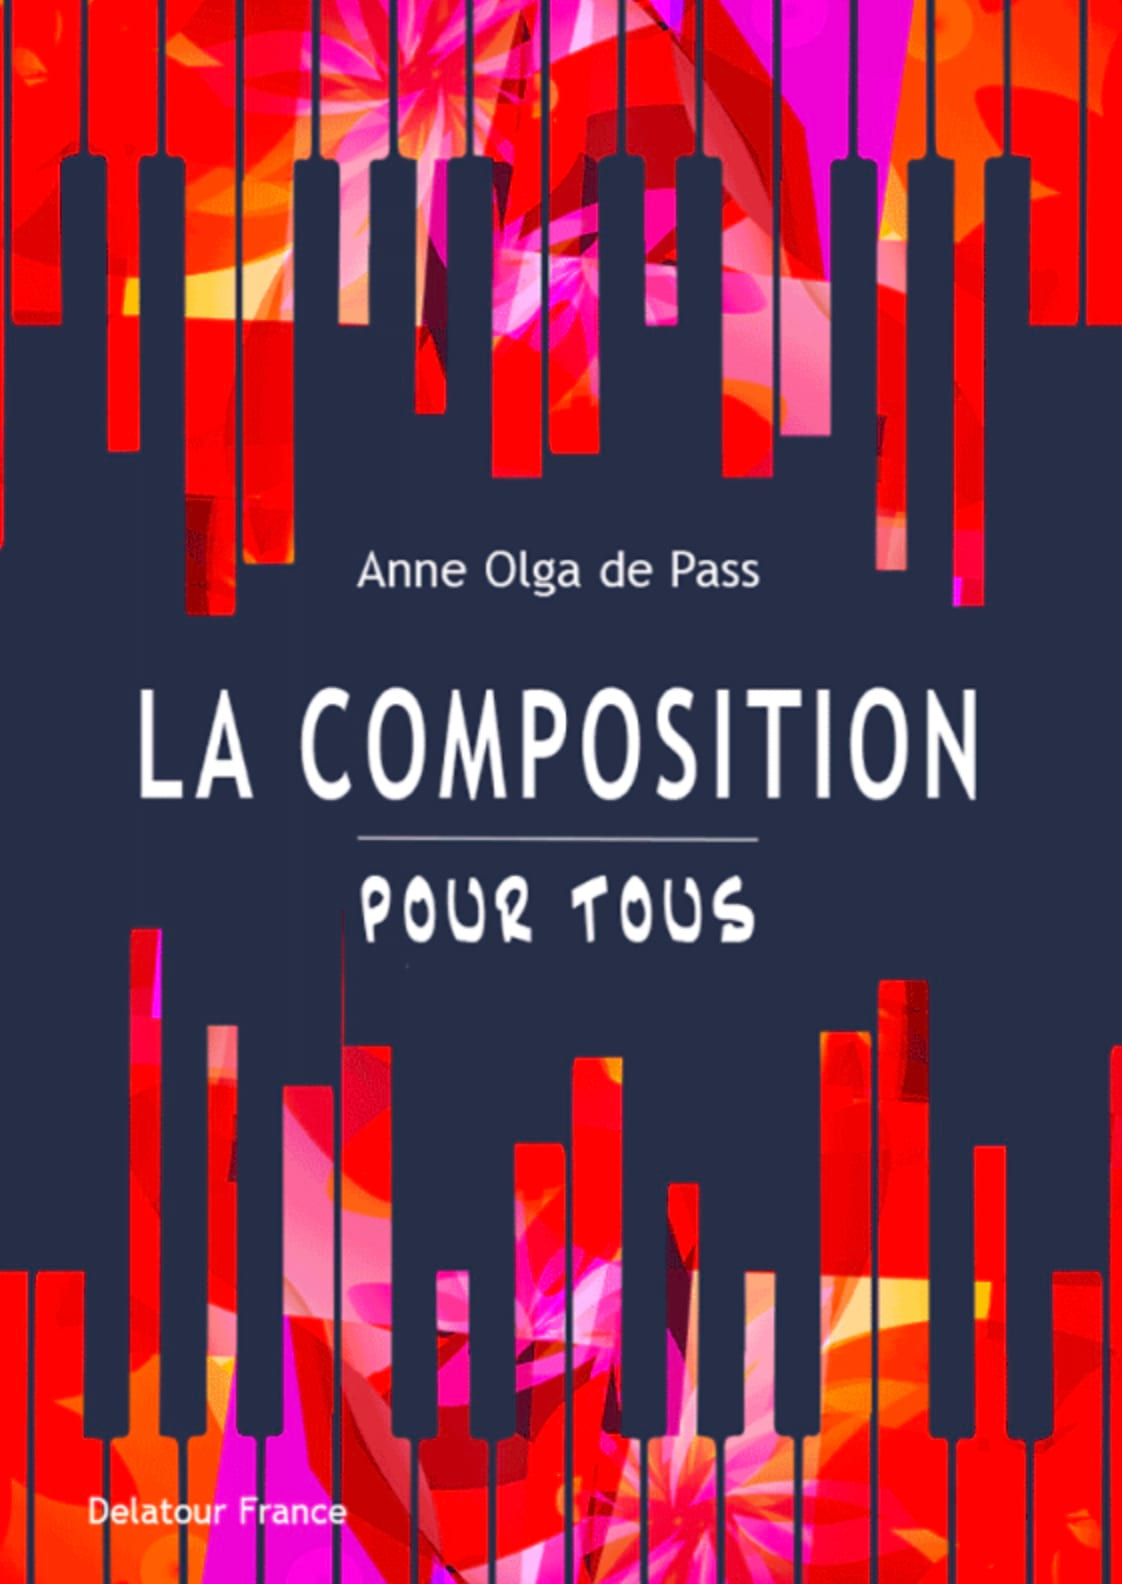 La composition pour tous - DE PASS Anne Olga - laflutedepan.com